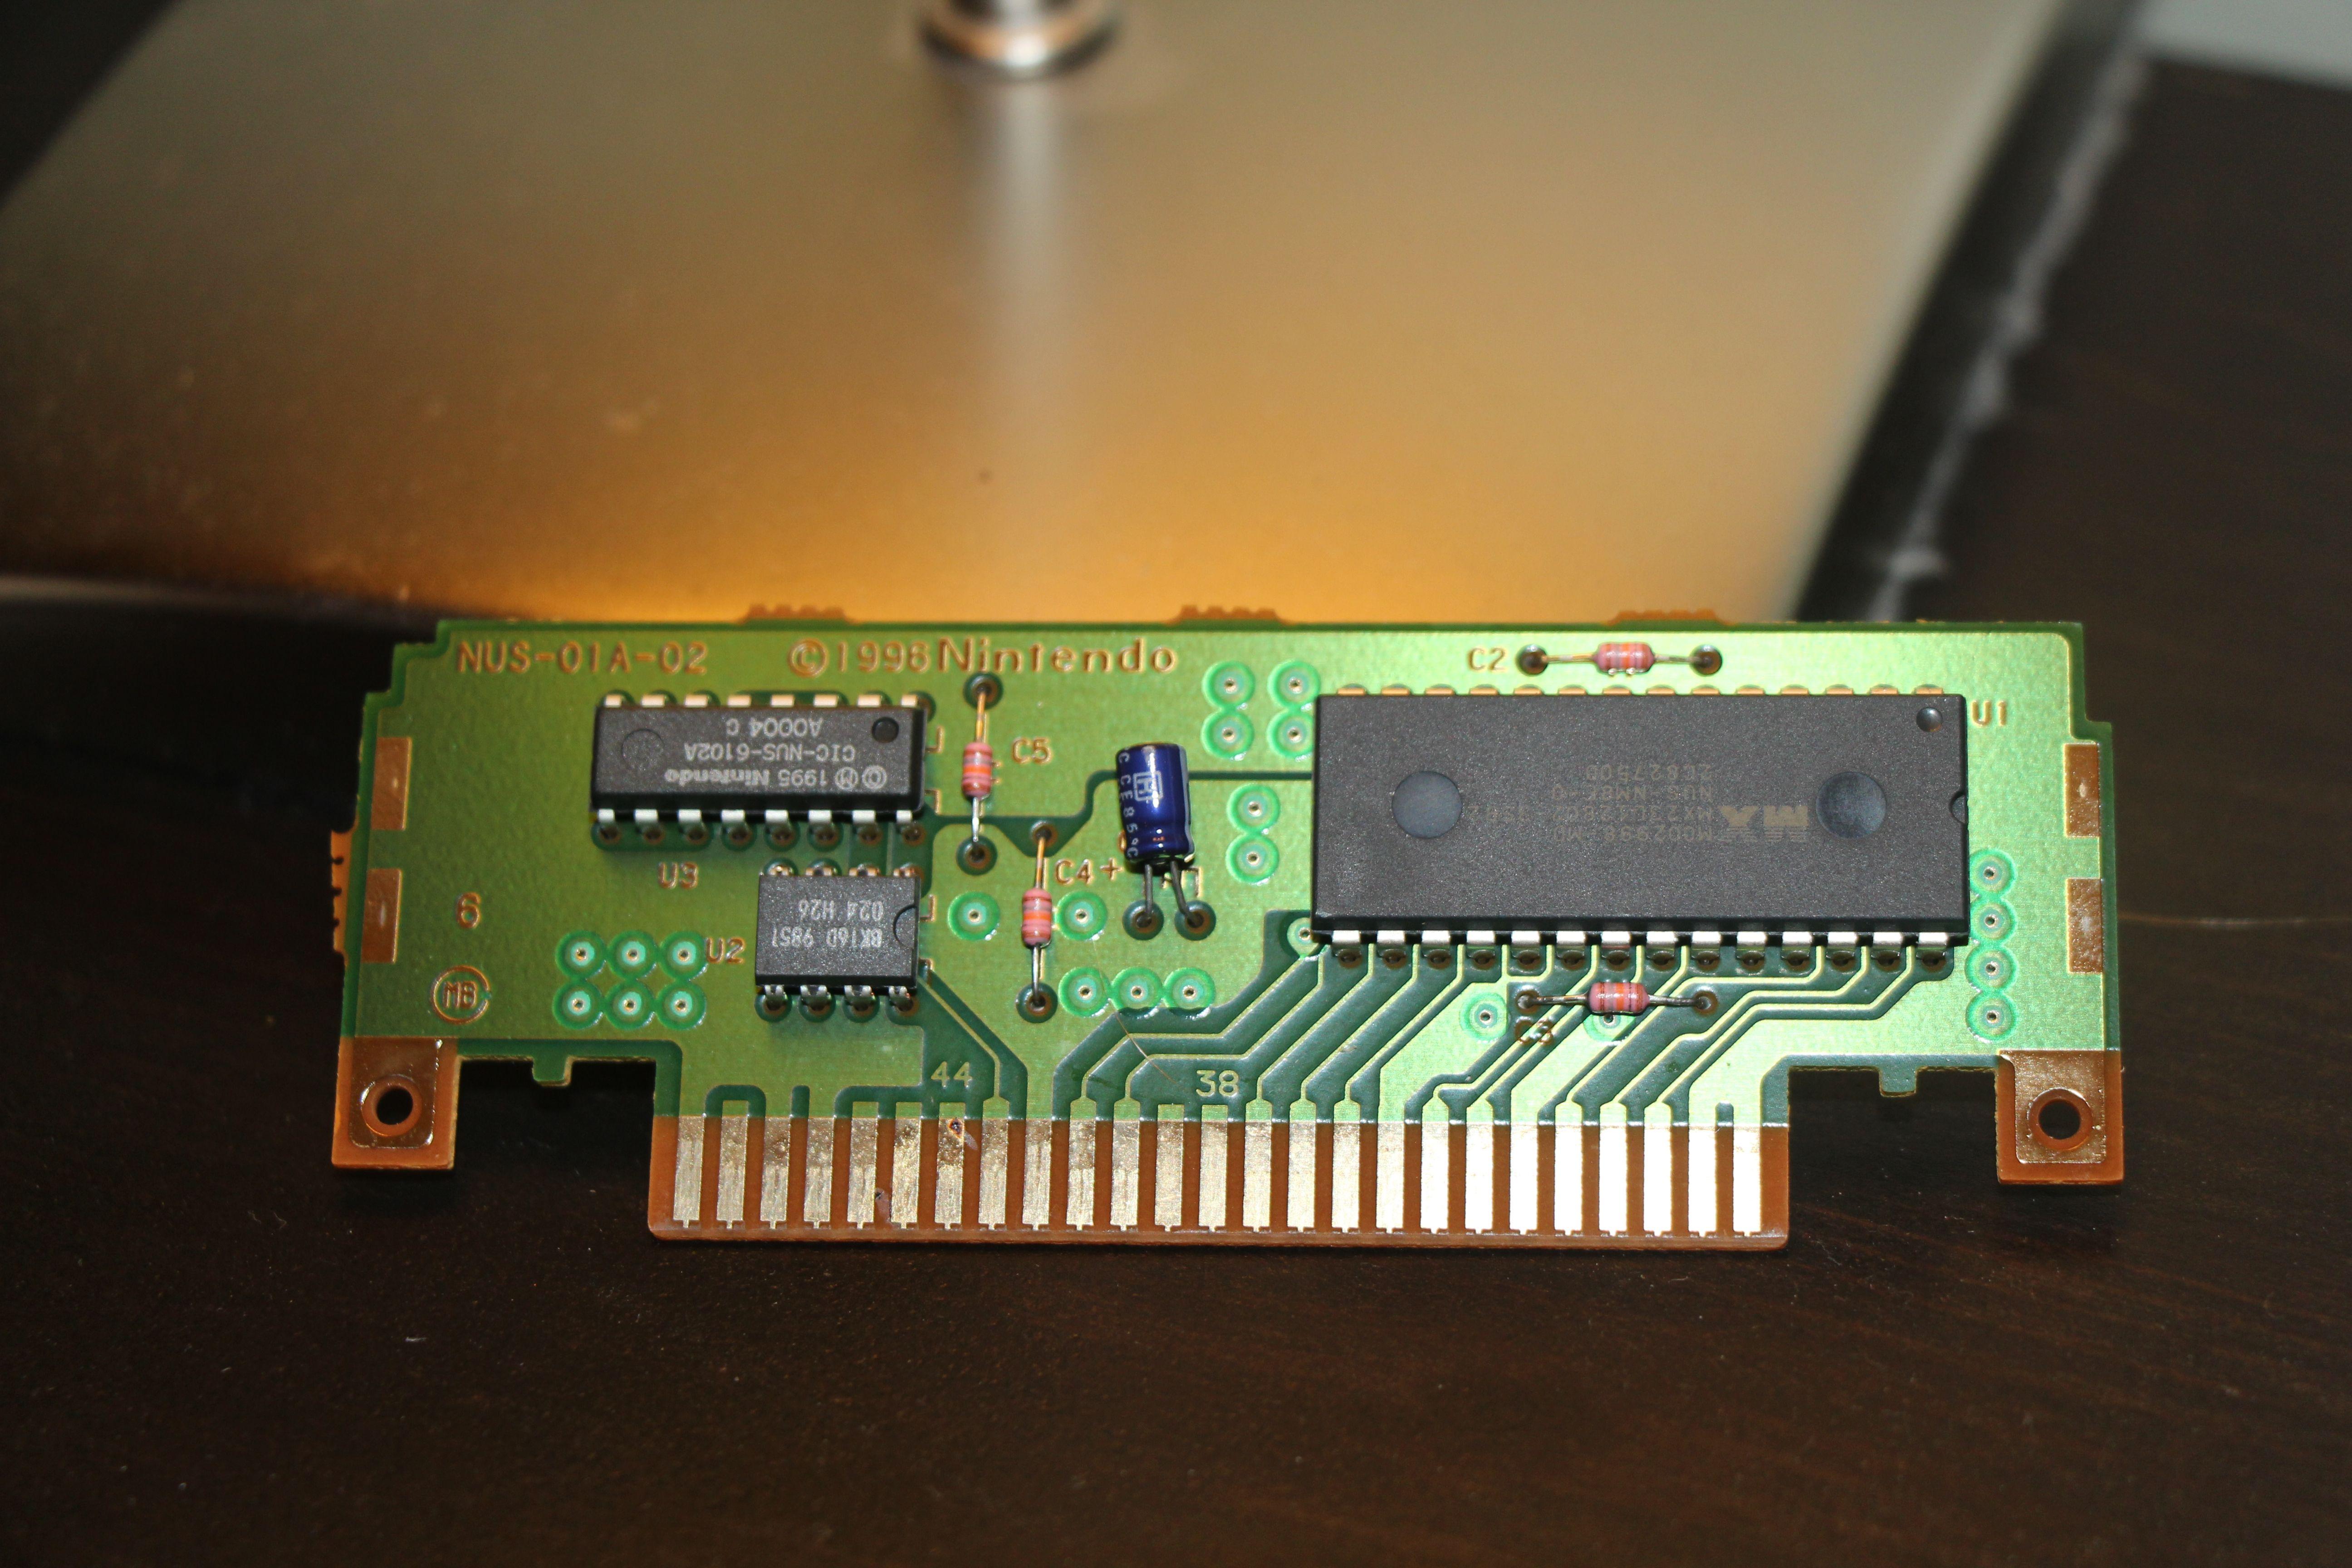 Mario Tennis for N64 MX23L12802 128 MBit ROM CIC-NUS-6102A